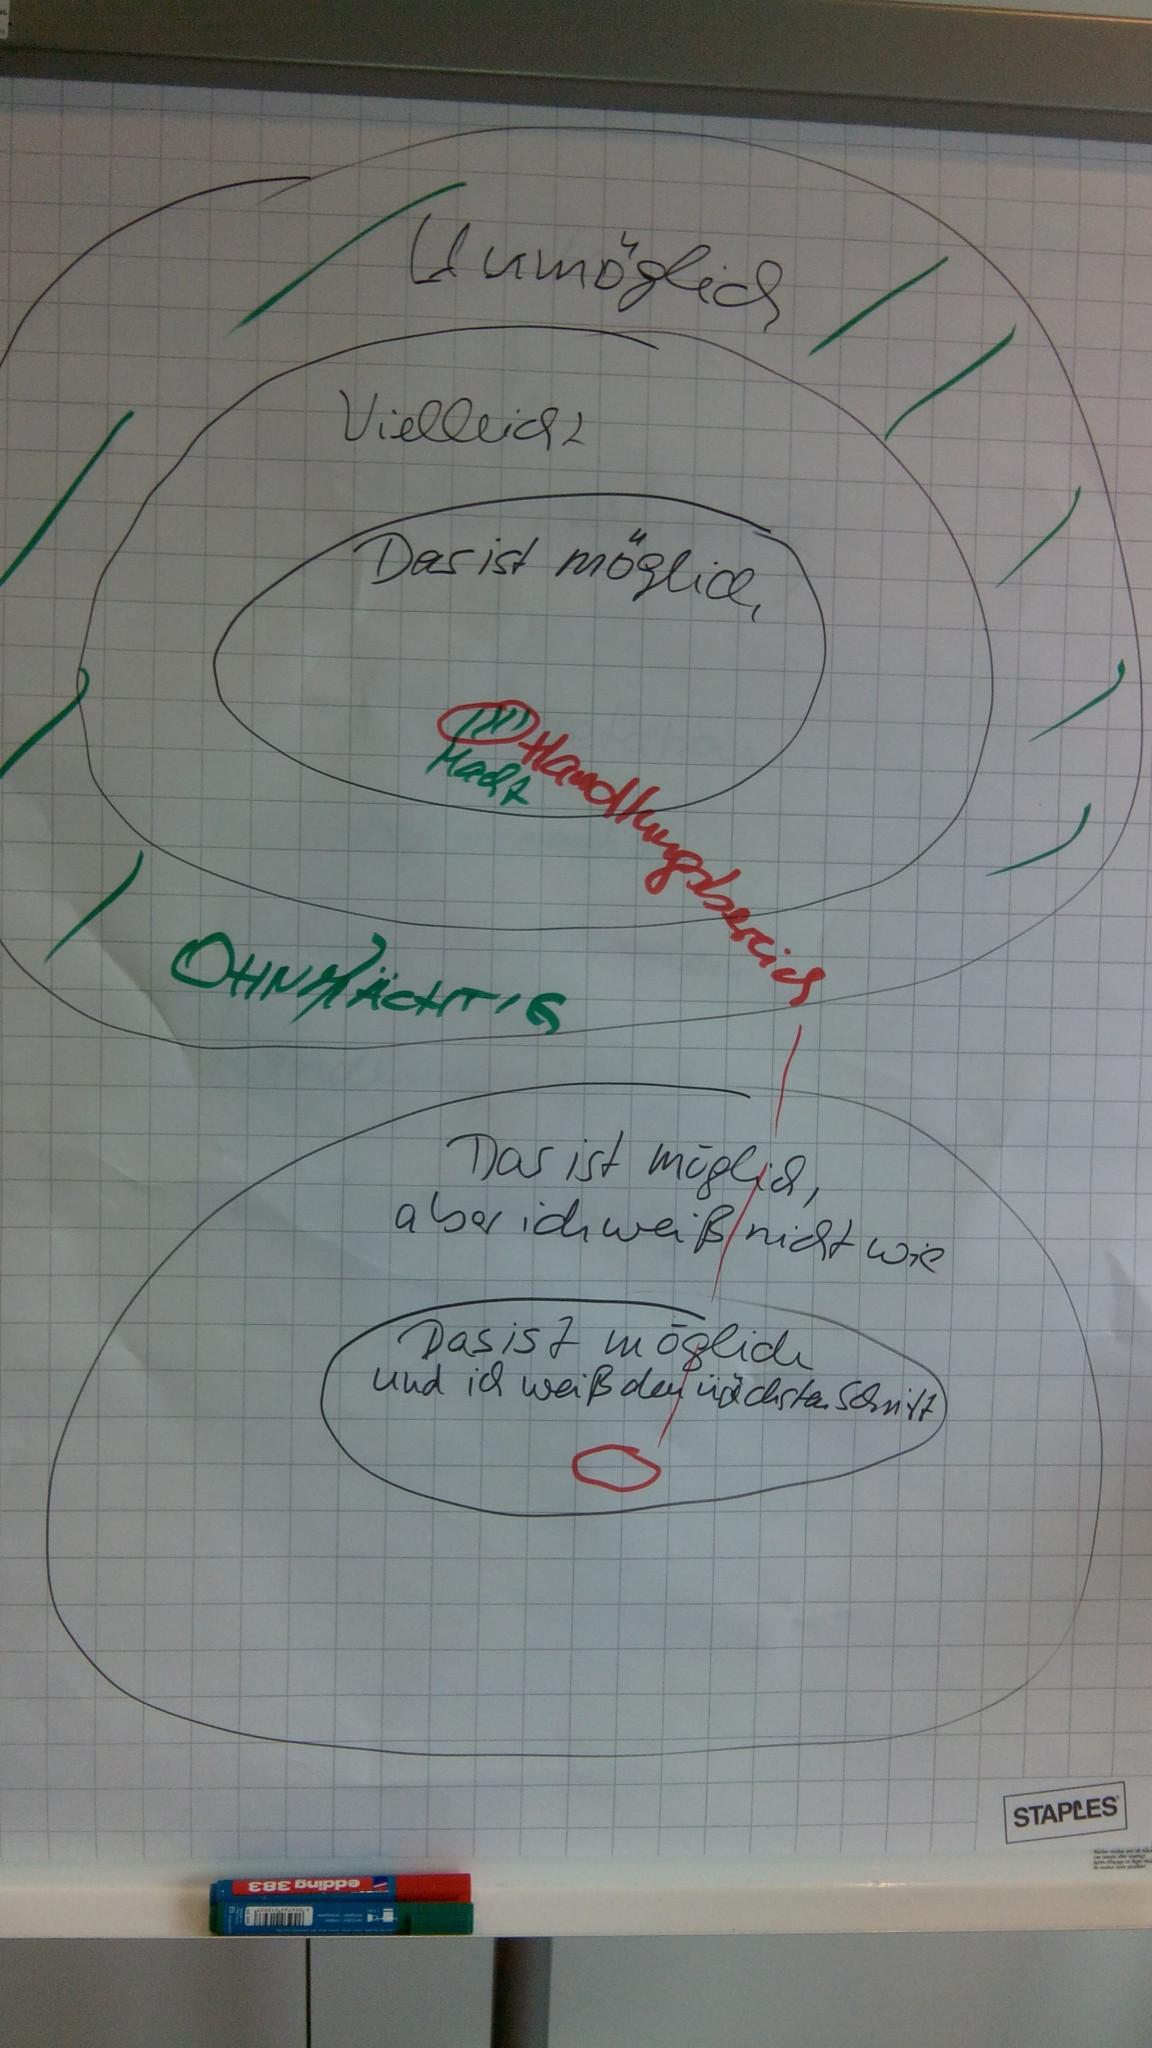 Bild 2 aus Keine Angst vorm Trauma vom 8. Hamburger Mentoringtag